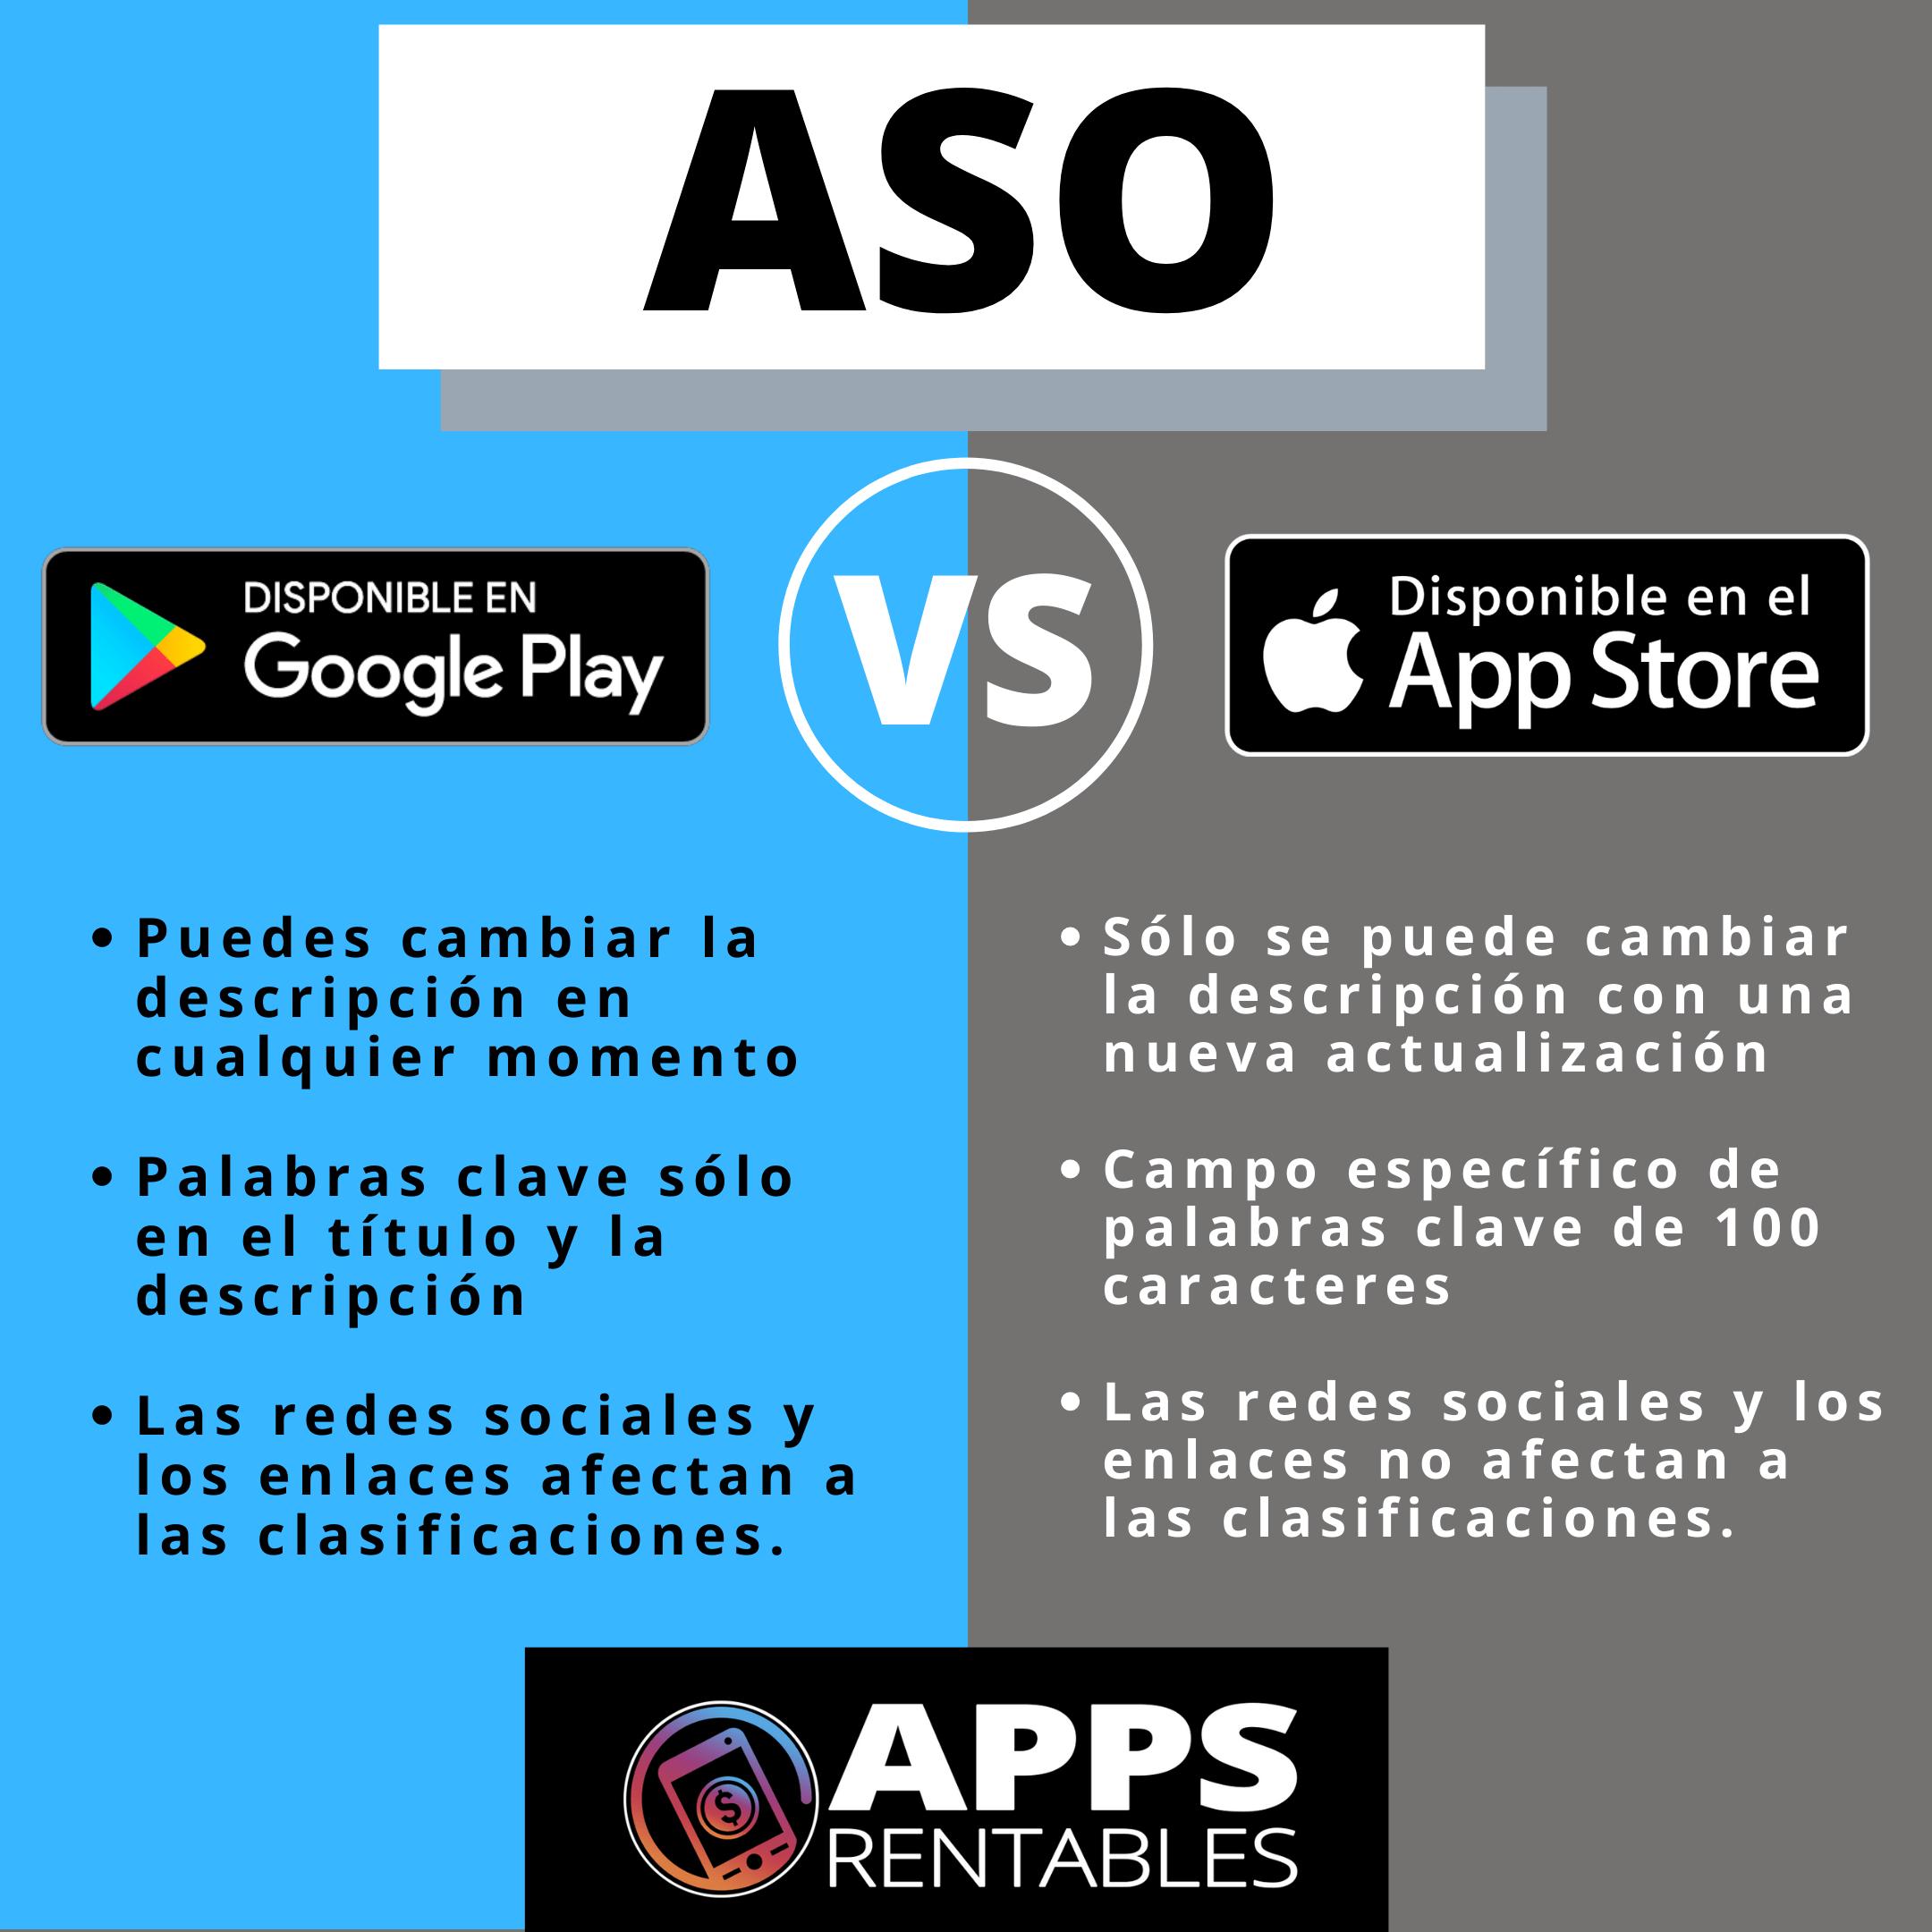 Principales diferencias entre App Store y Google Play